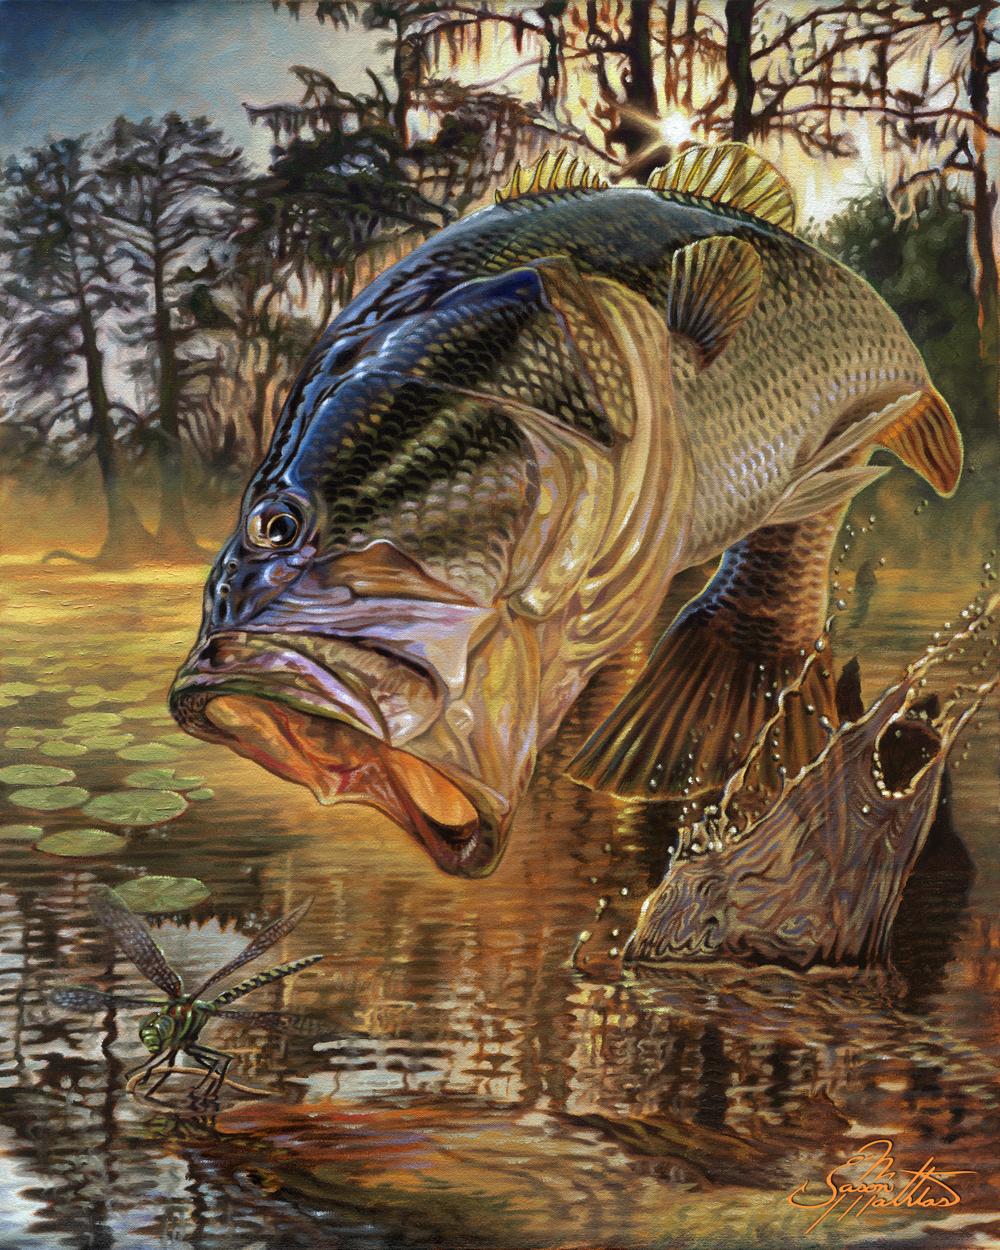 largemouth-bass-jumping-eating-art-painting-jason-mathias.jpg